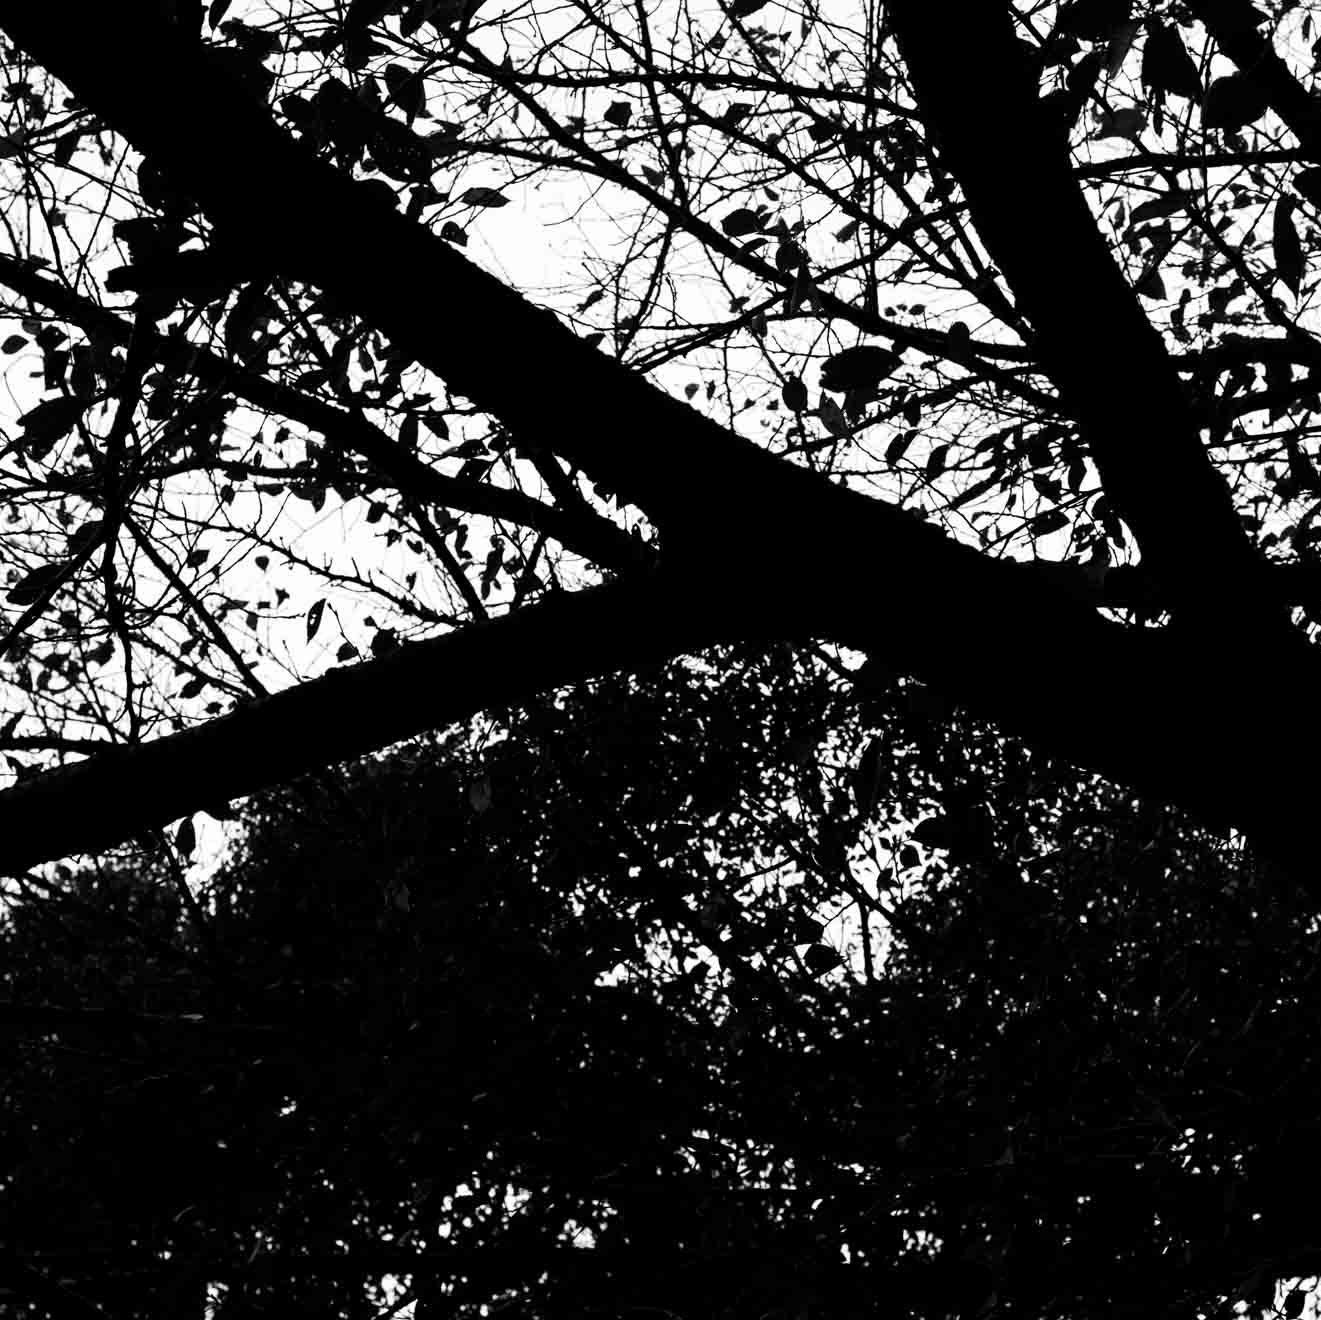 白と黒の情景